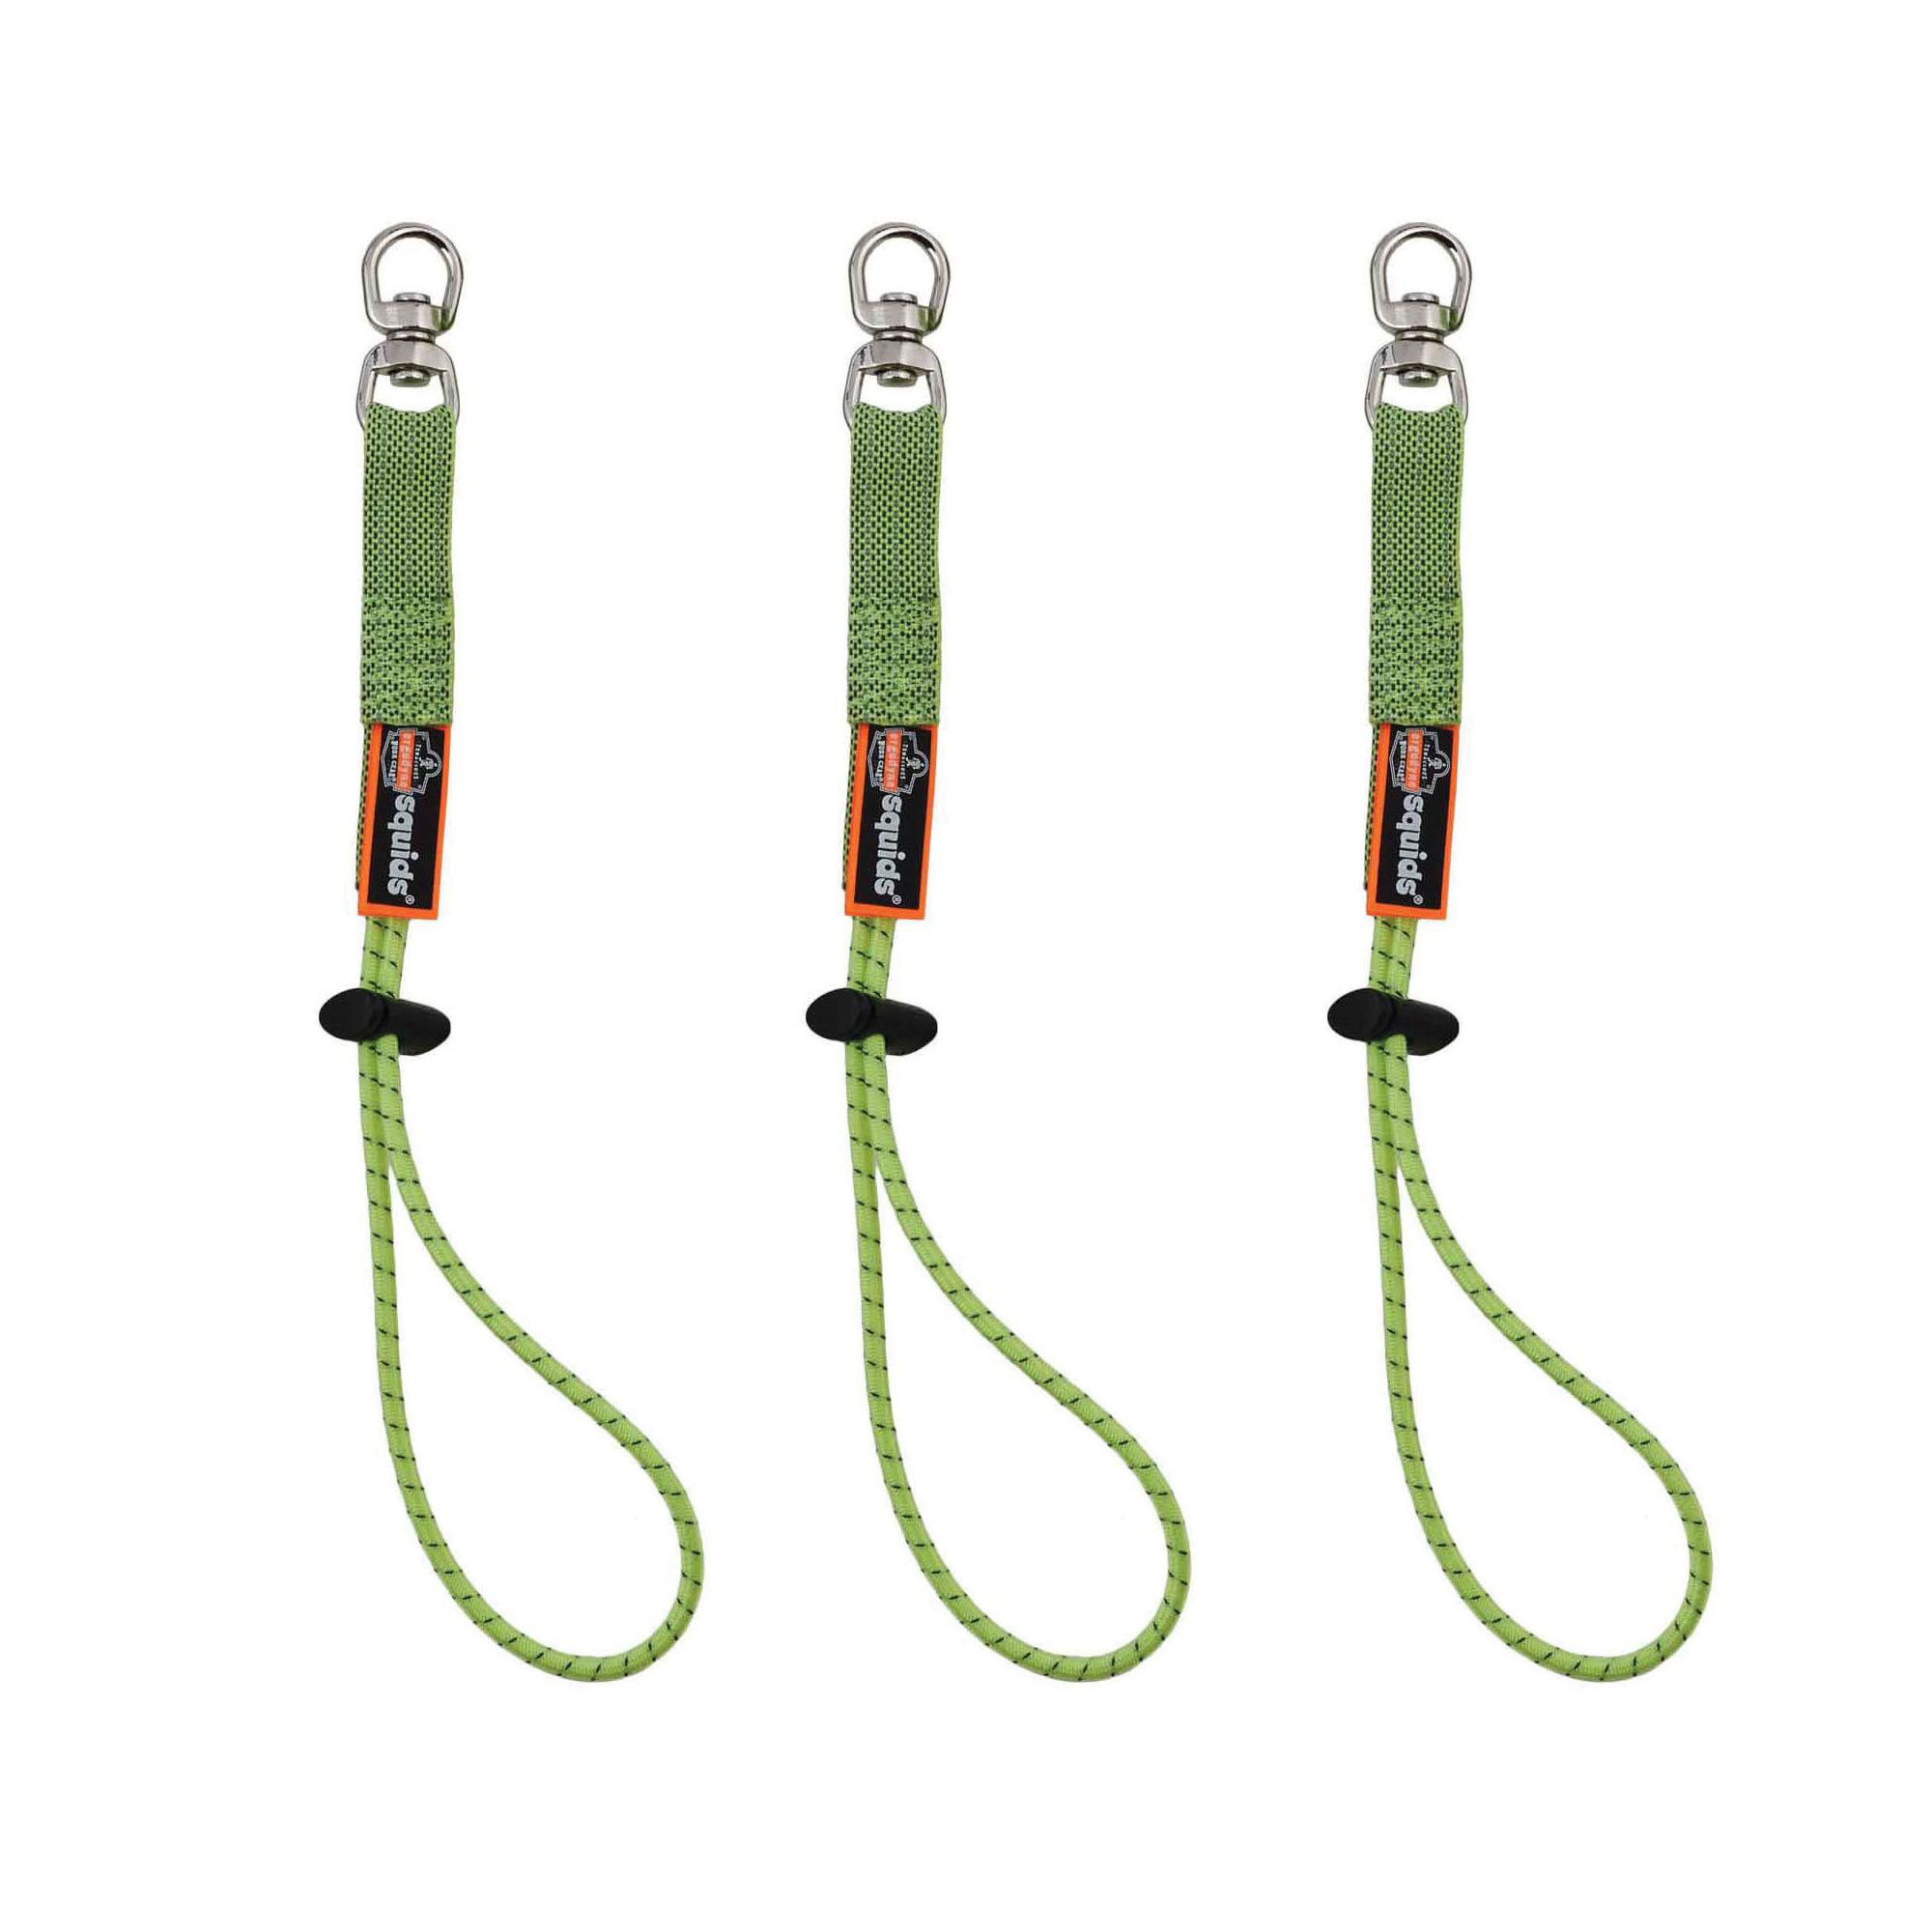 Squids® 19765 3713 Swivel Standard Elastic Loop Tool Tail, Nylon Webbing